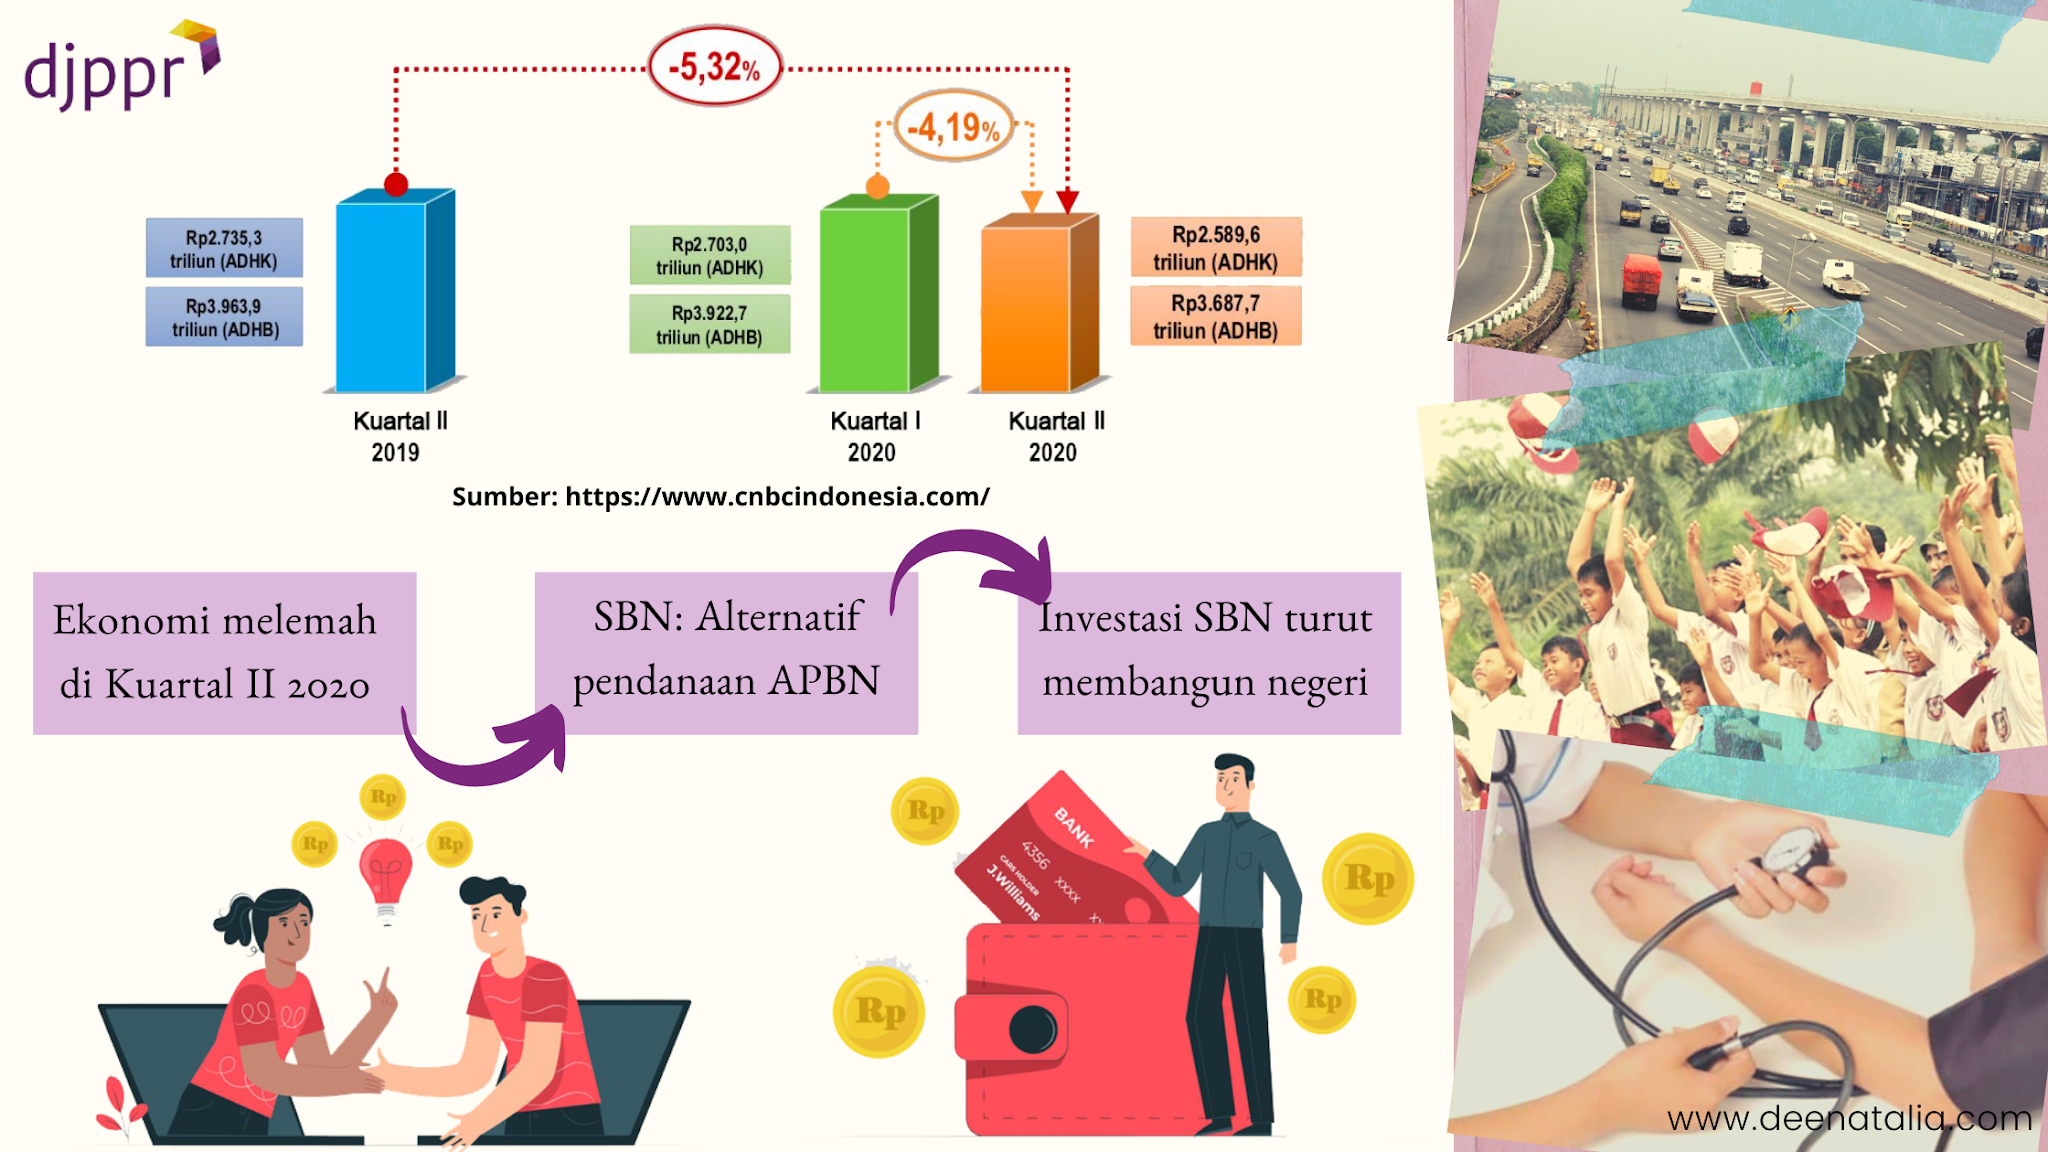 Investasi SBN untuk APBN #IniUntukKita